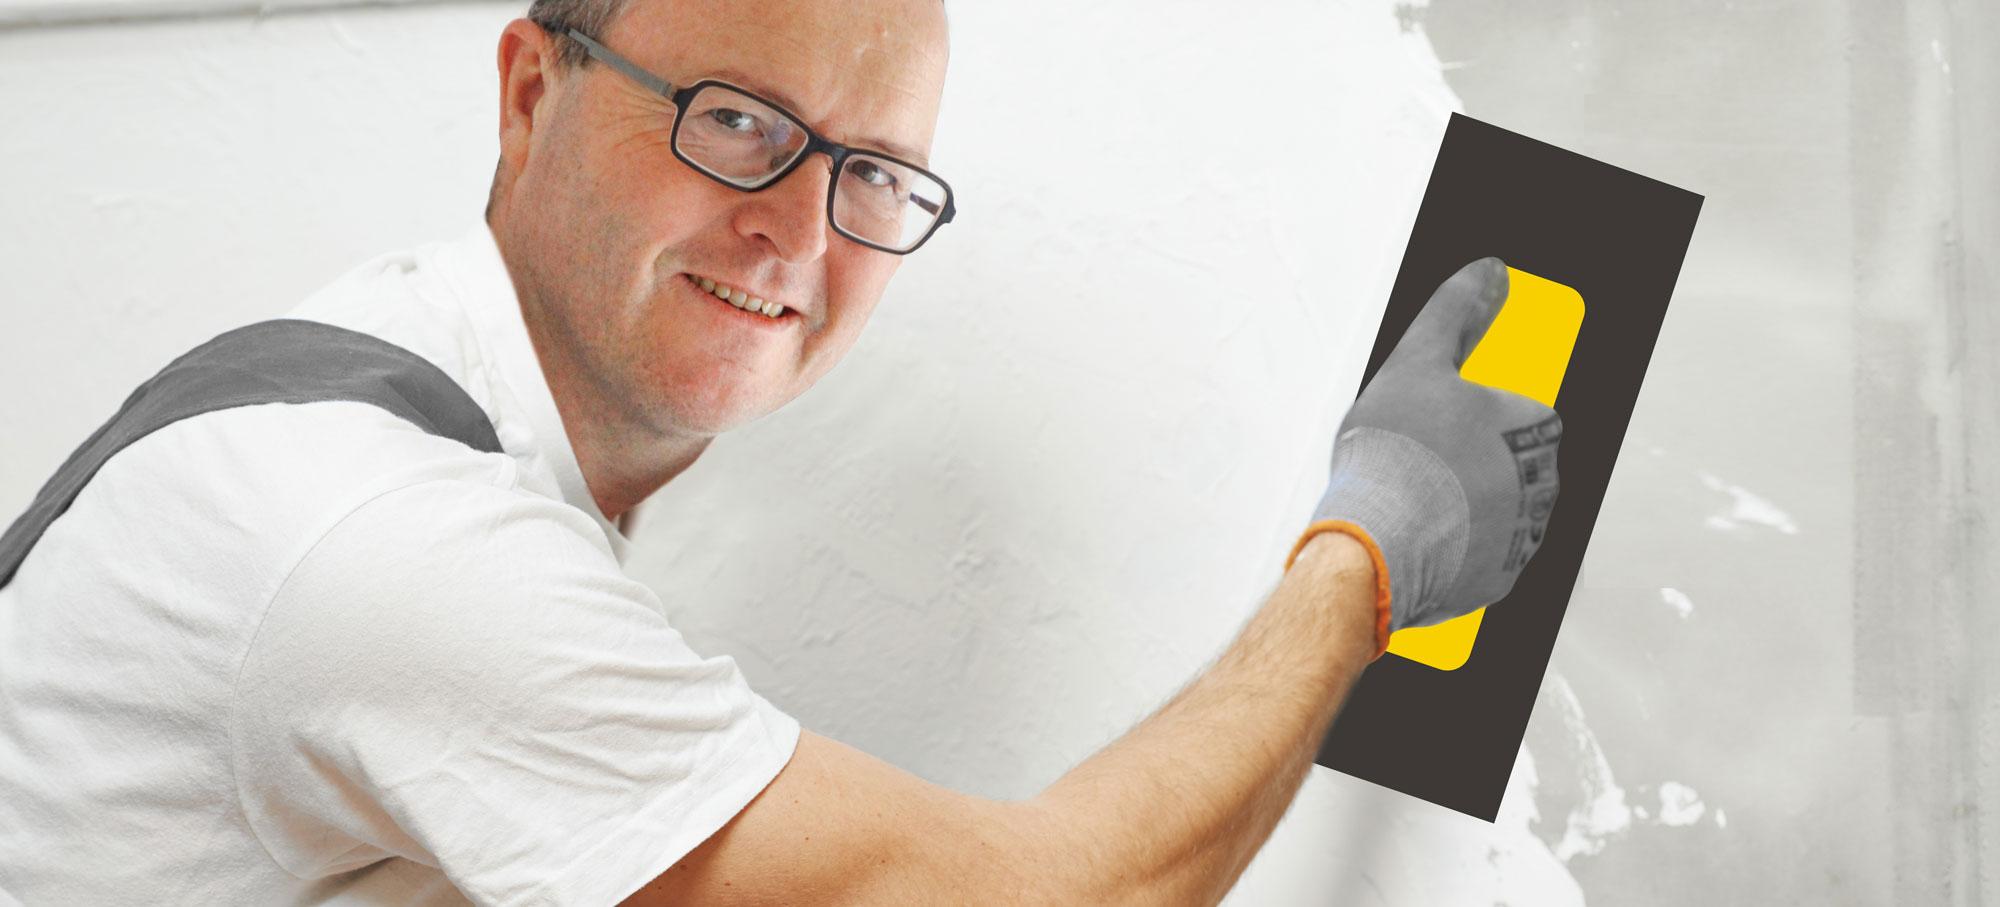 Sie suchen nach einem Gipser? Die Firma Meiergipser Dagmersellen AG bietet Ihnen jahrelange Erfahrung in Gipserarbeiten und Trockenbau. Rufen Sie uns an!